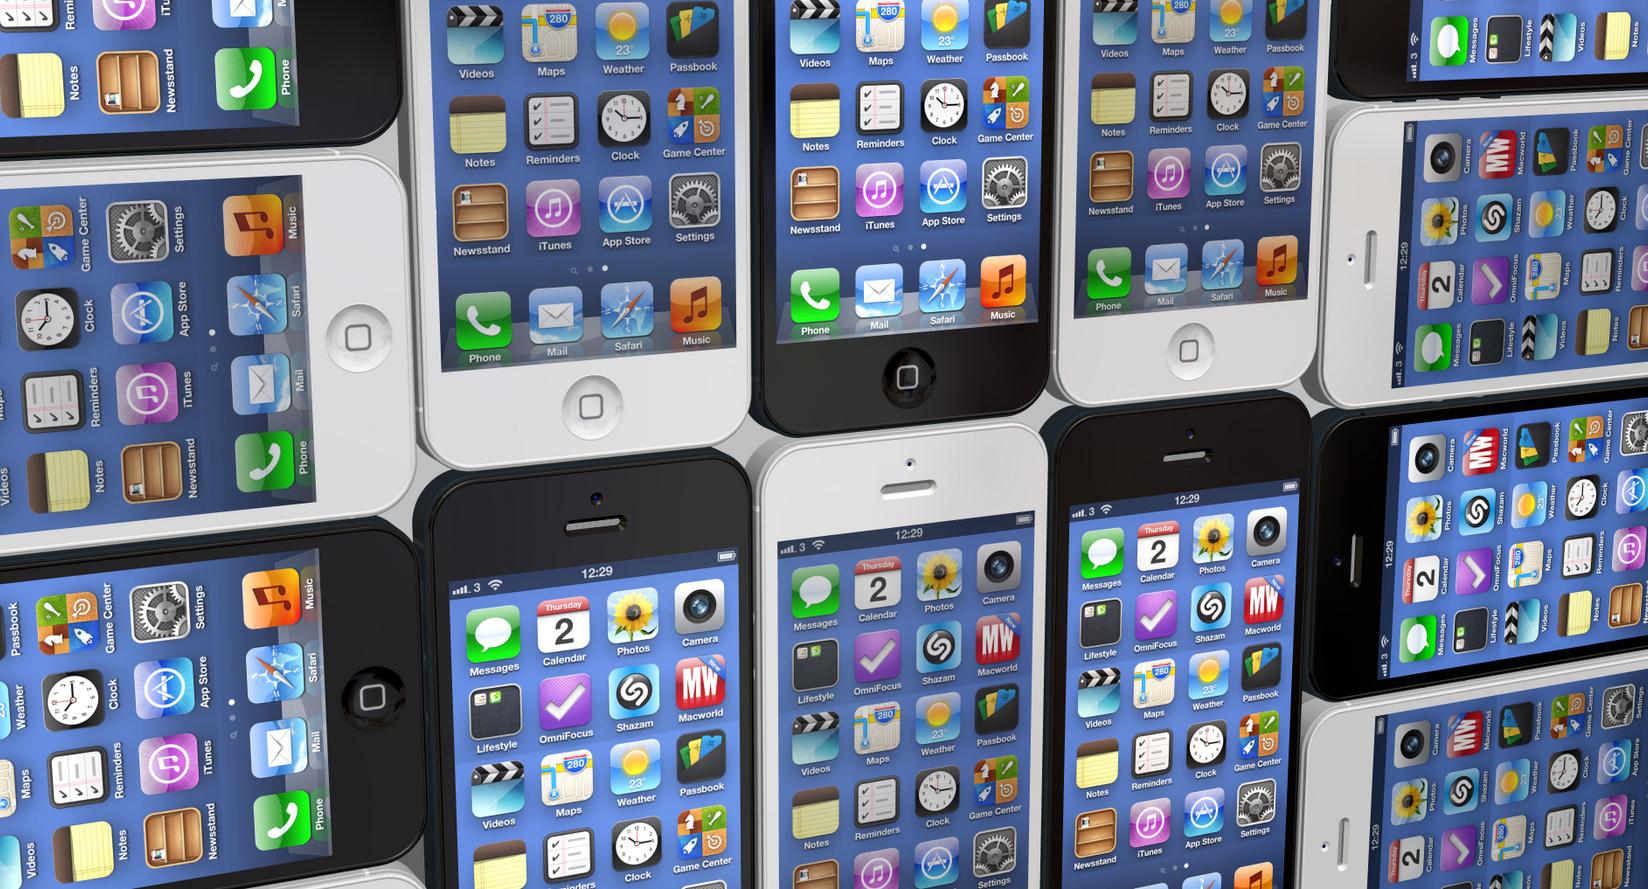 все модели айфонов с картинками и названиями поиграть